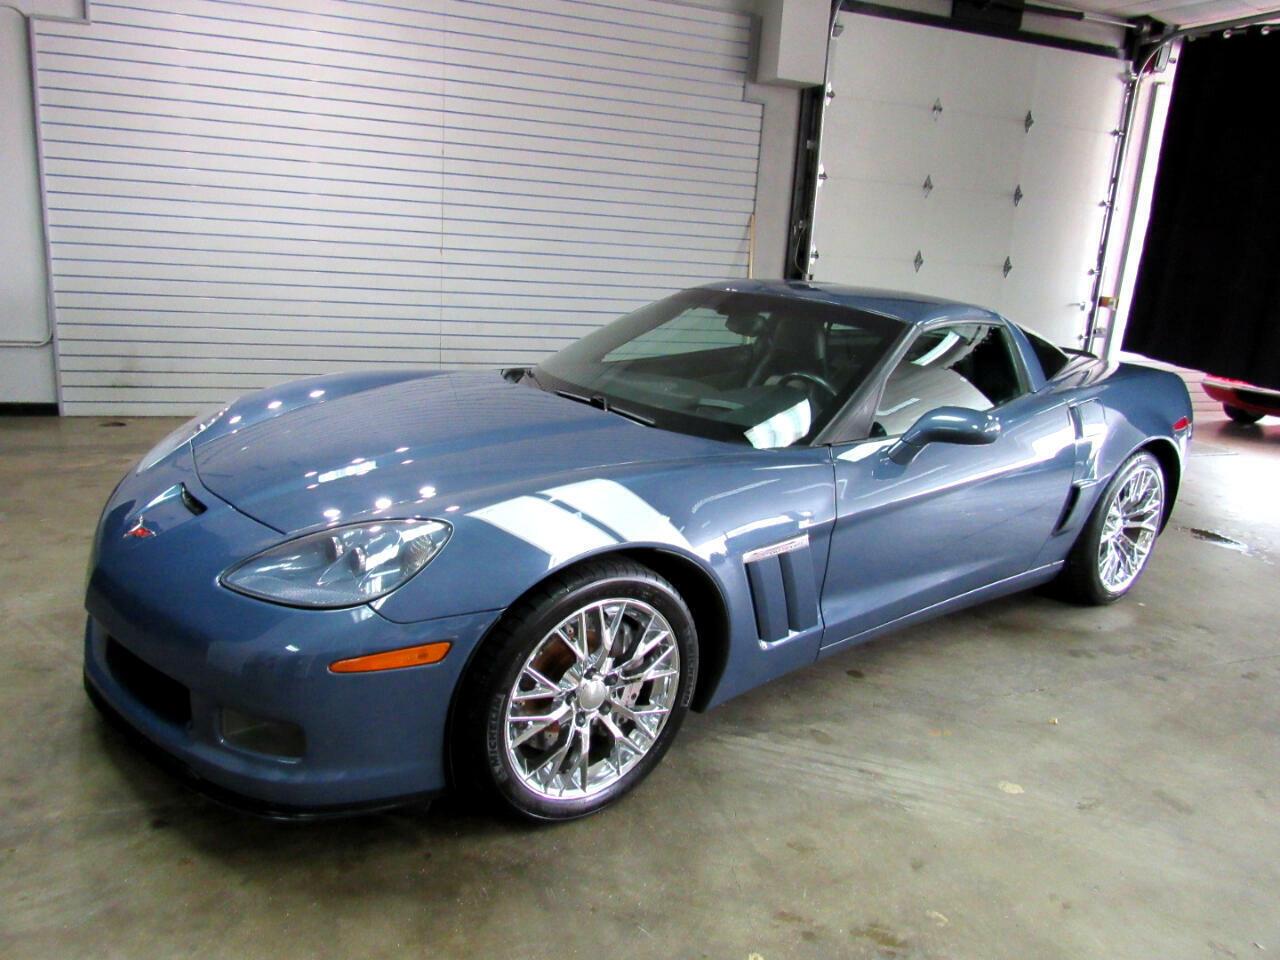 2011 Blue Chevrolet Corvette Coupe 3LT   C6 Corvette Photo 1